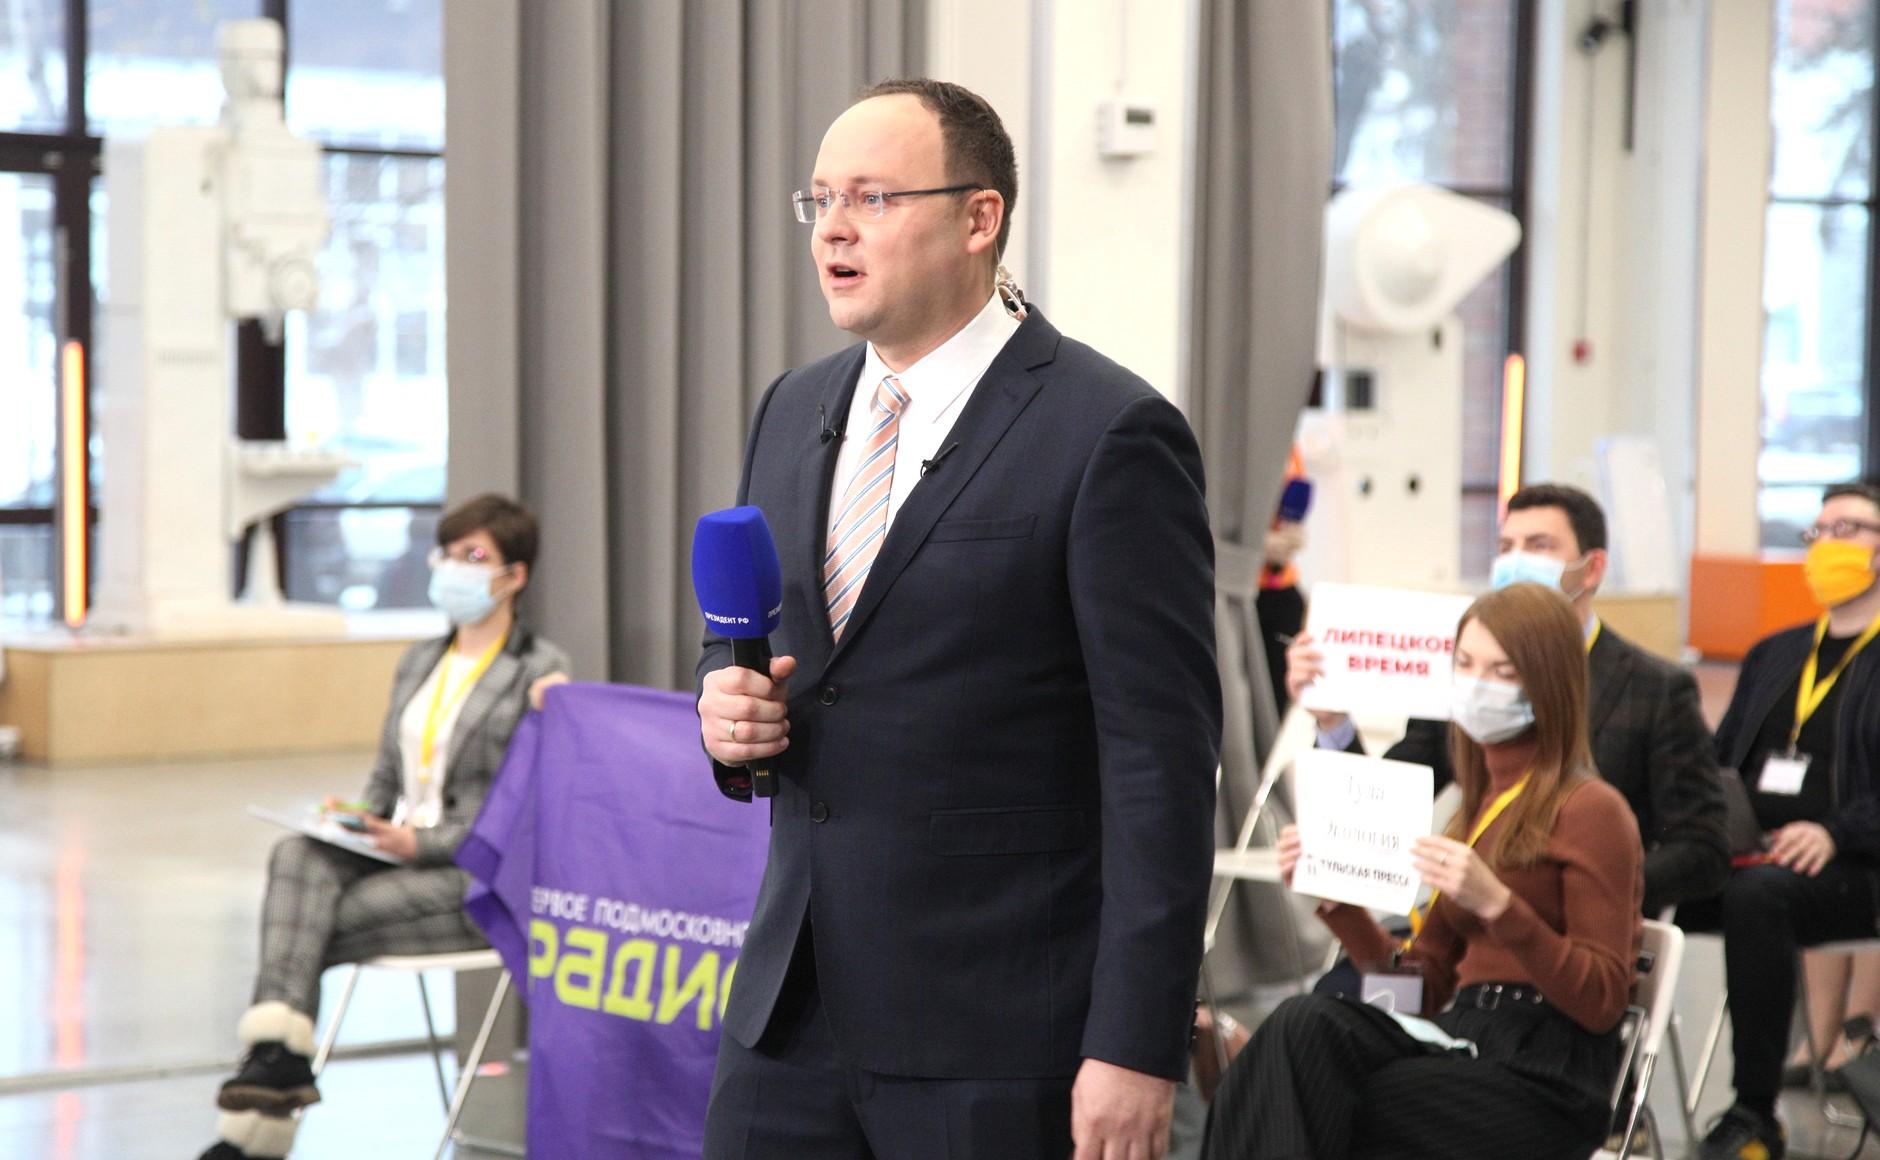 RUSSIE 17.12.2020.CONFERENCE 12 XX 66 Avant le début de la conférence de presse annuelle de Vladimir Poutine.